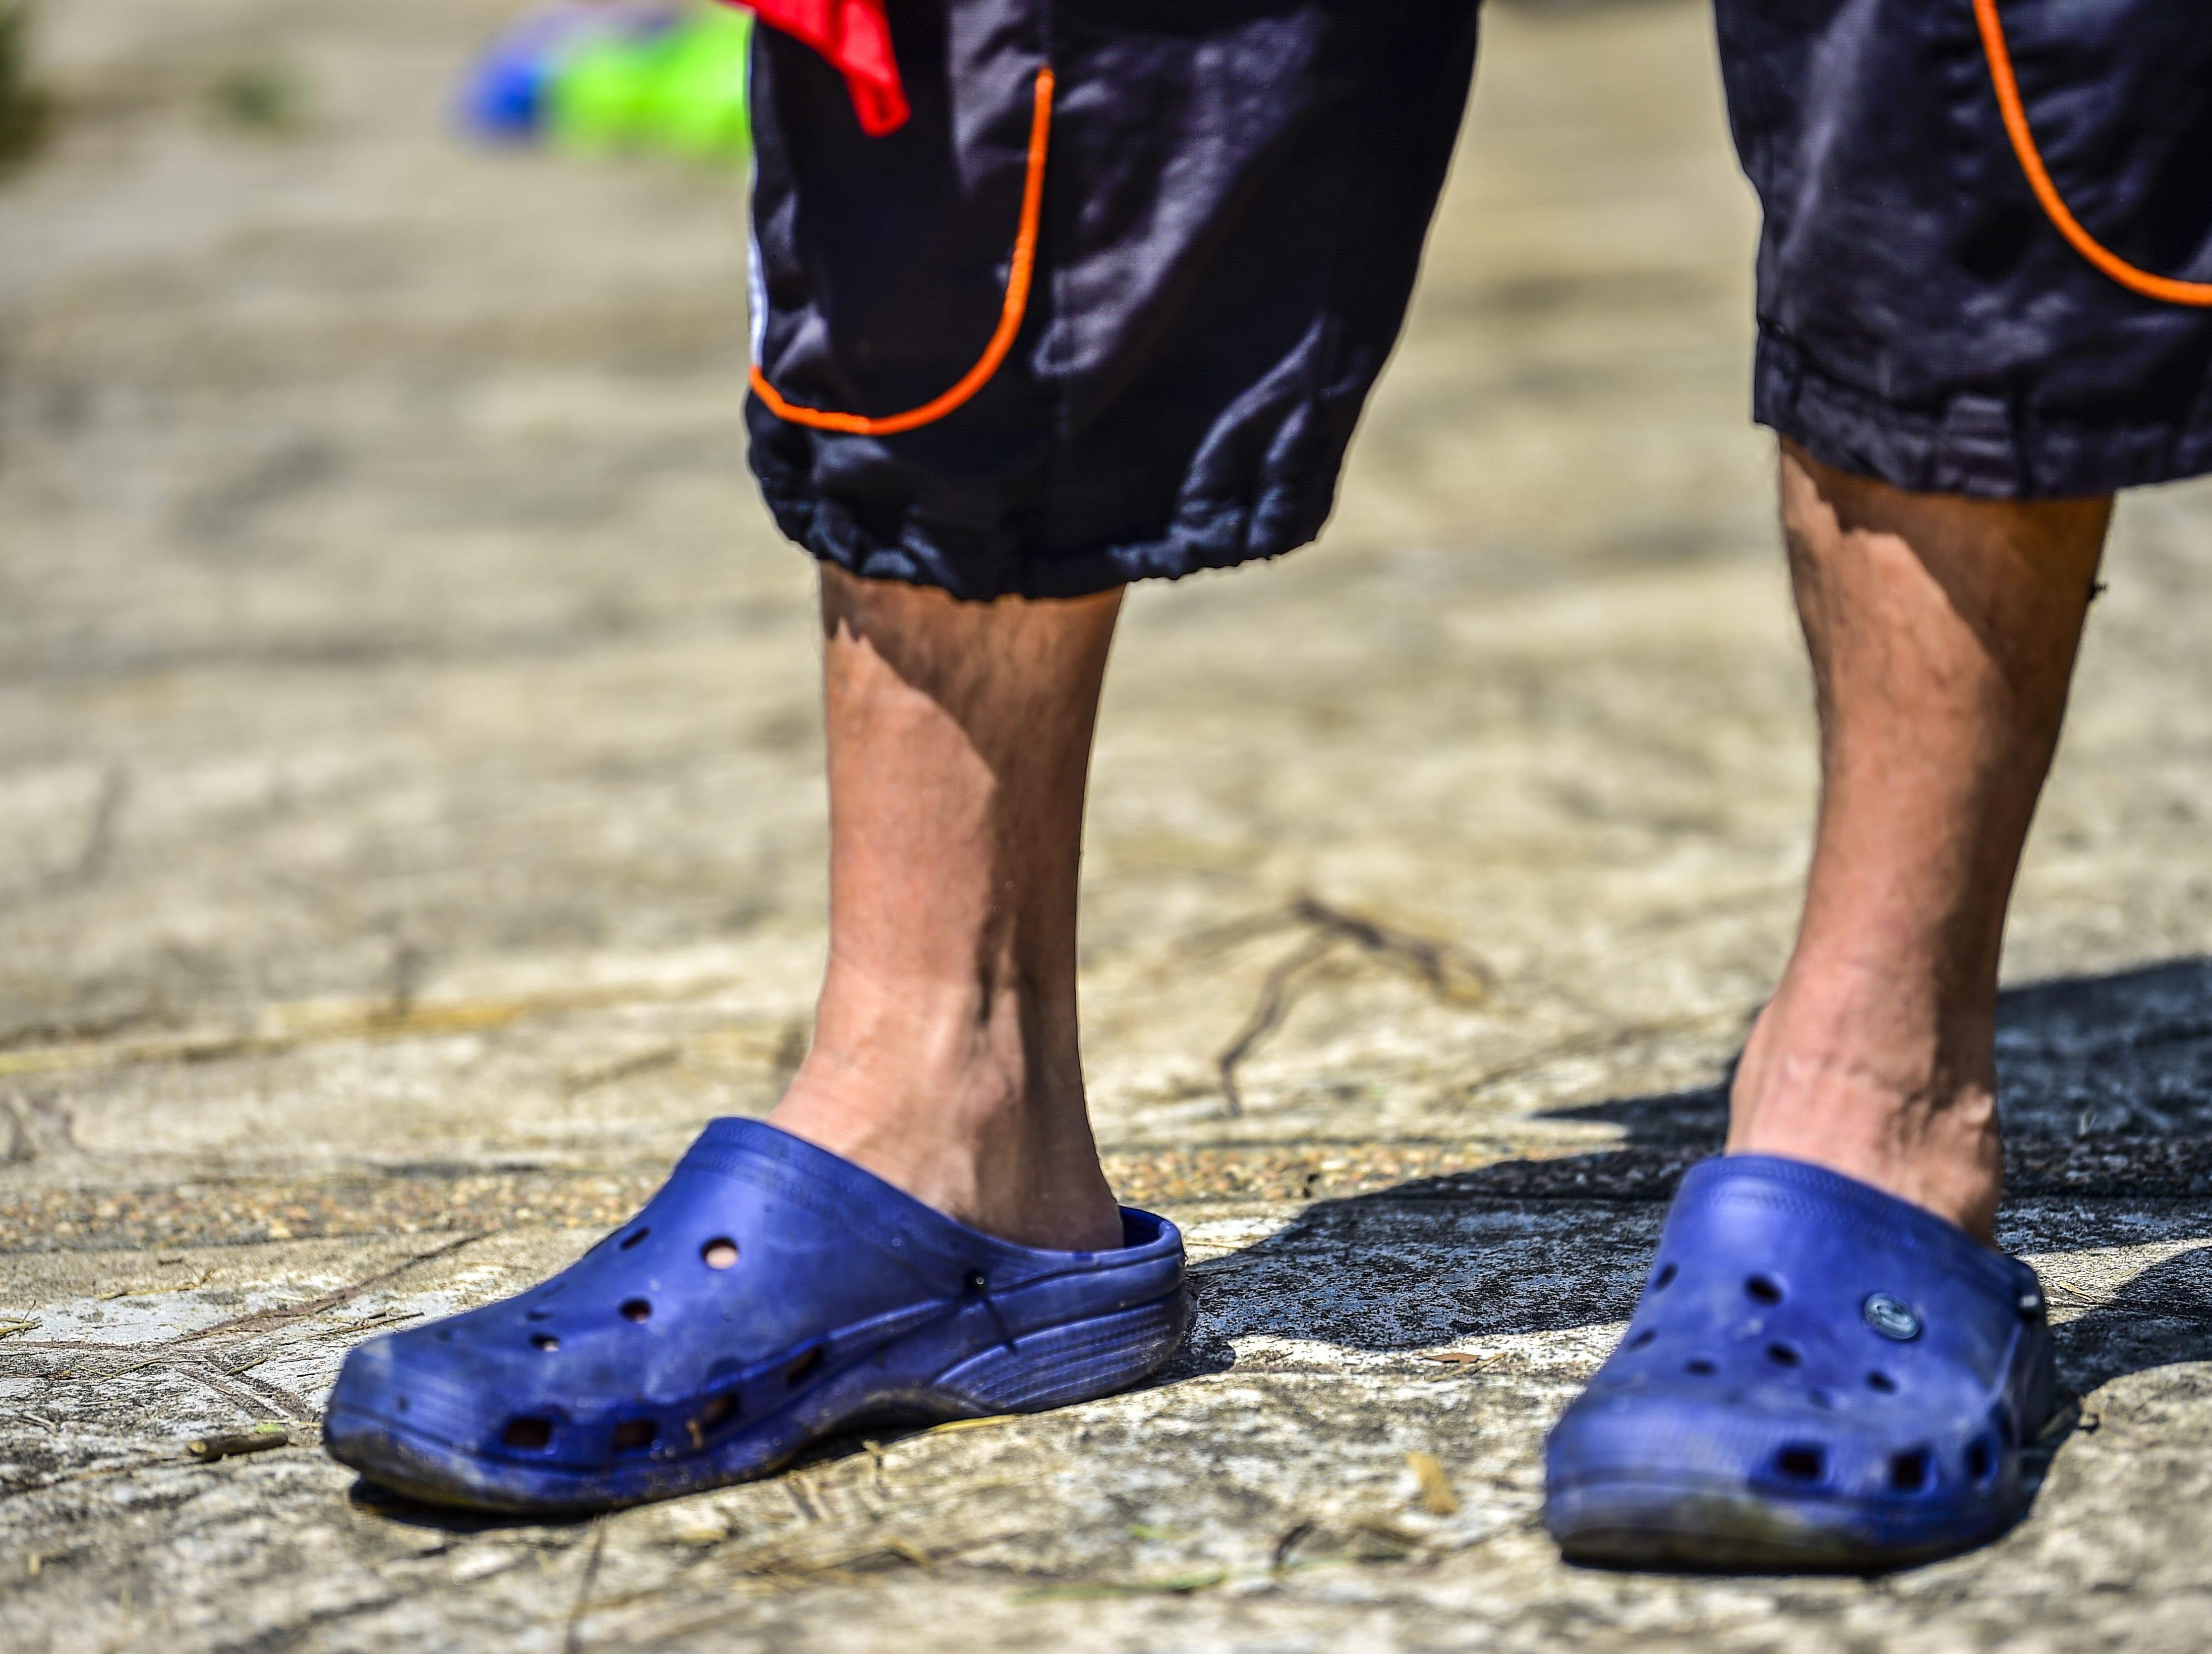 Efraín Cruz recorre junto a la caravana con este calzado. Estos son los rostros de los migrantes centroamericanos que huyen de la pobreza y violencia que se vive en sus países; y que por medio de una caravana caminan cientos de kilómetros cruzando ciudades, ríos, carreteras, bosques y fronteras, con el firme propósito de hacer realidad su sueño de llegar a los Estados Unidos.